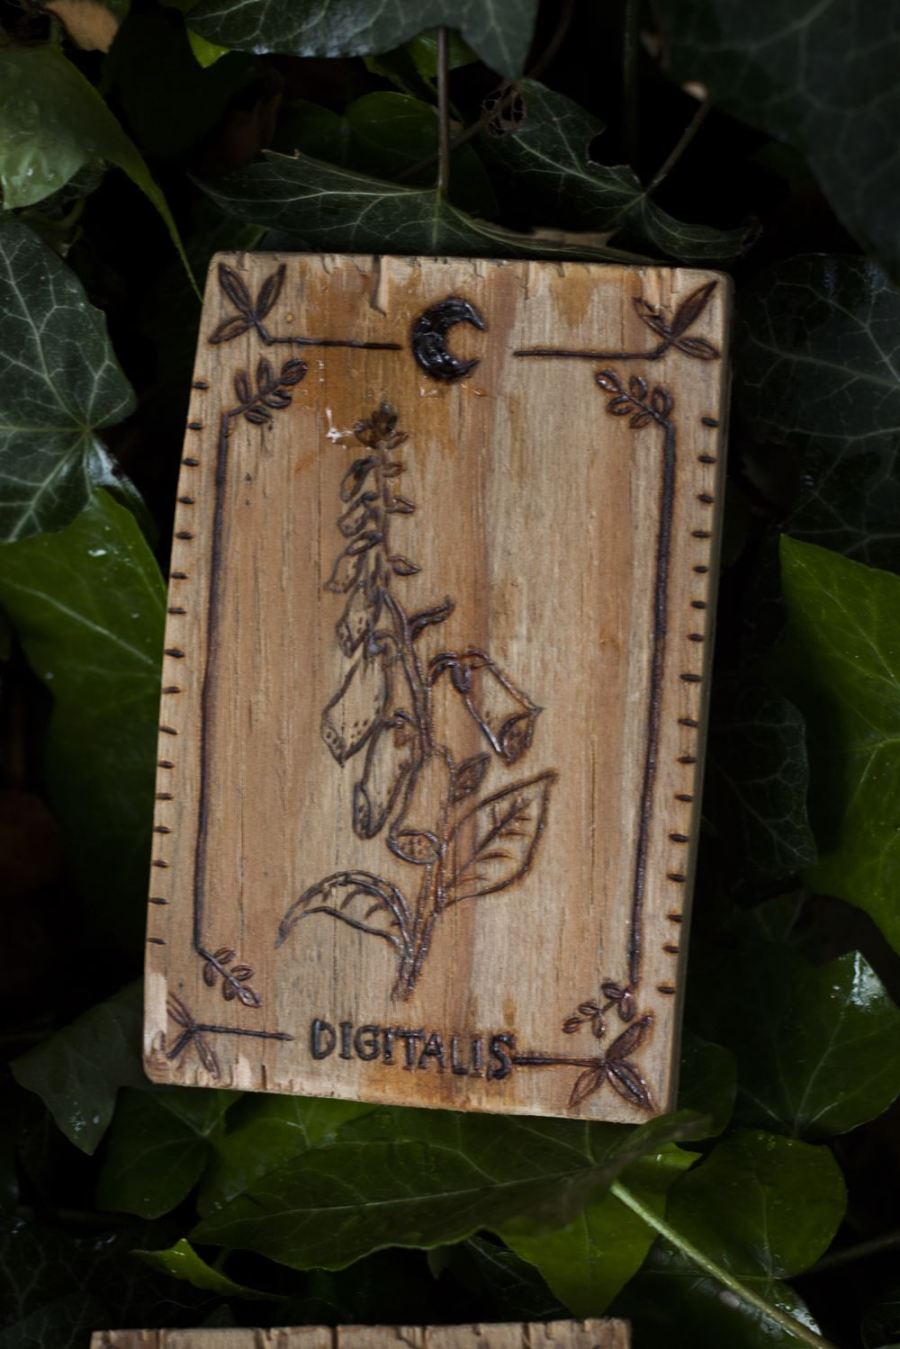 Décoration carte de tarot en bois inspirée des gravures anciennes botaniques de plantes, naturalisme, digitale, upcyclé, par l'atelier de la Lettre aux ours - Missive to Bears, artisanat écologique et français en Normandie